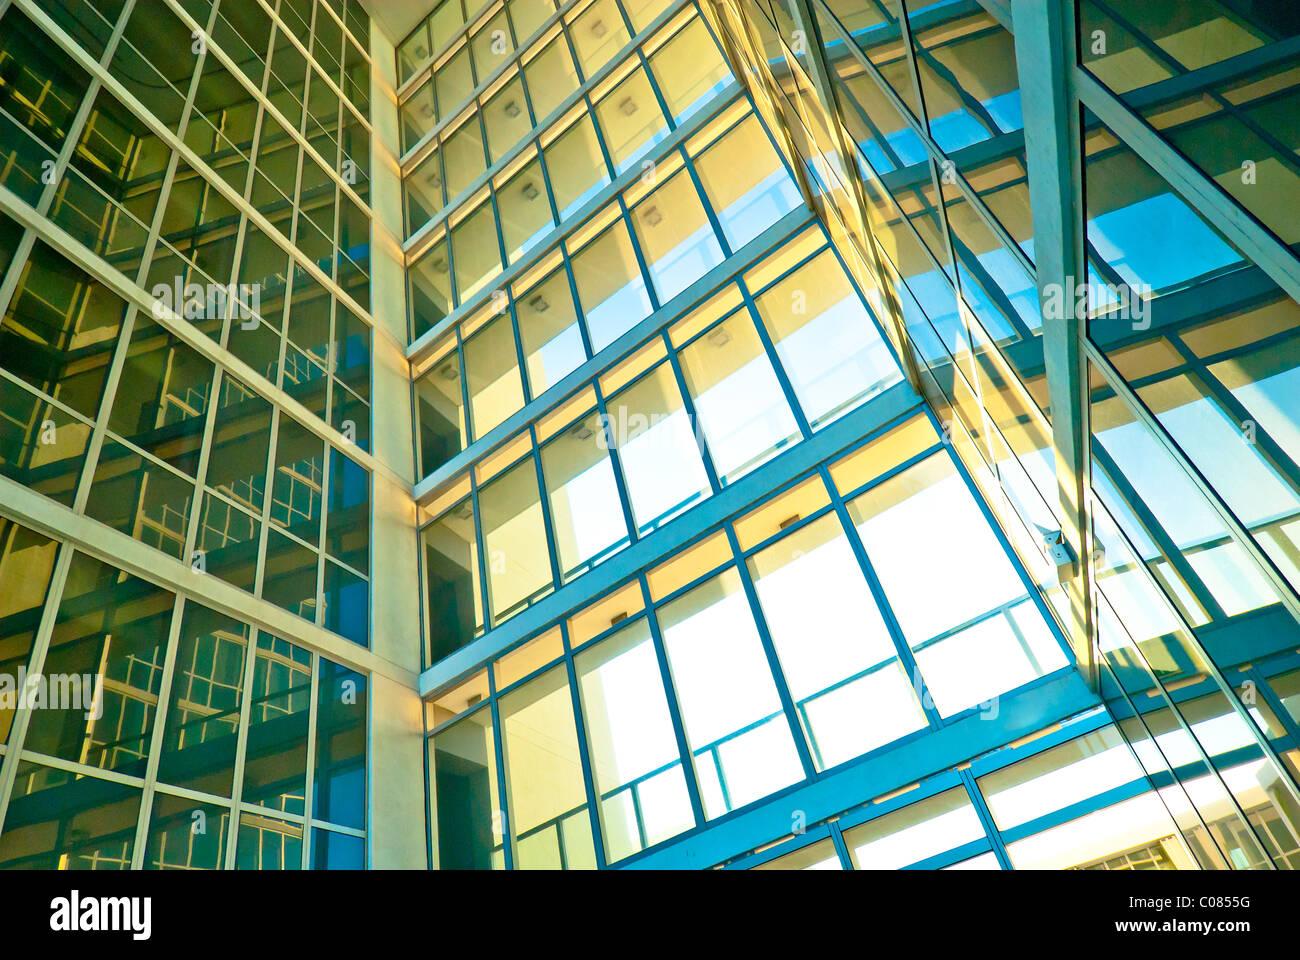 Tempo Miami, un Rock Resort hotel di lusso che si affaccia sulla Baia di Biscayne a Miami, Florida, Stati Uniti Immagini Stock